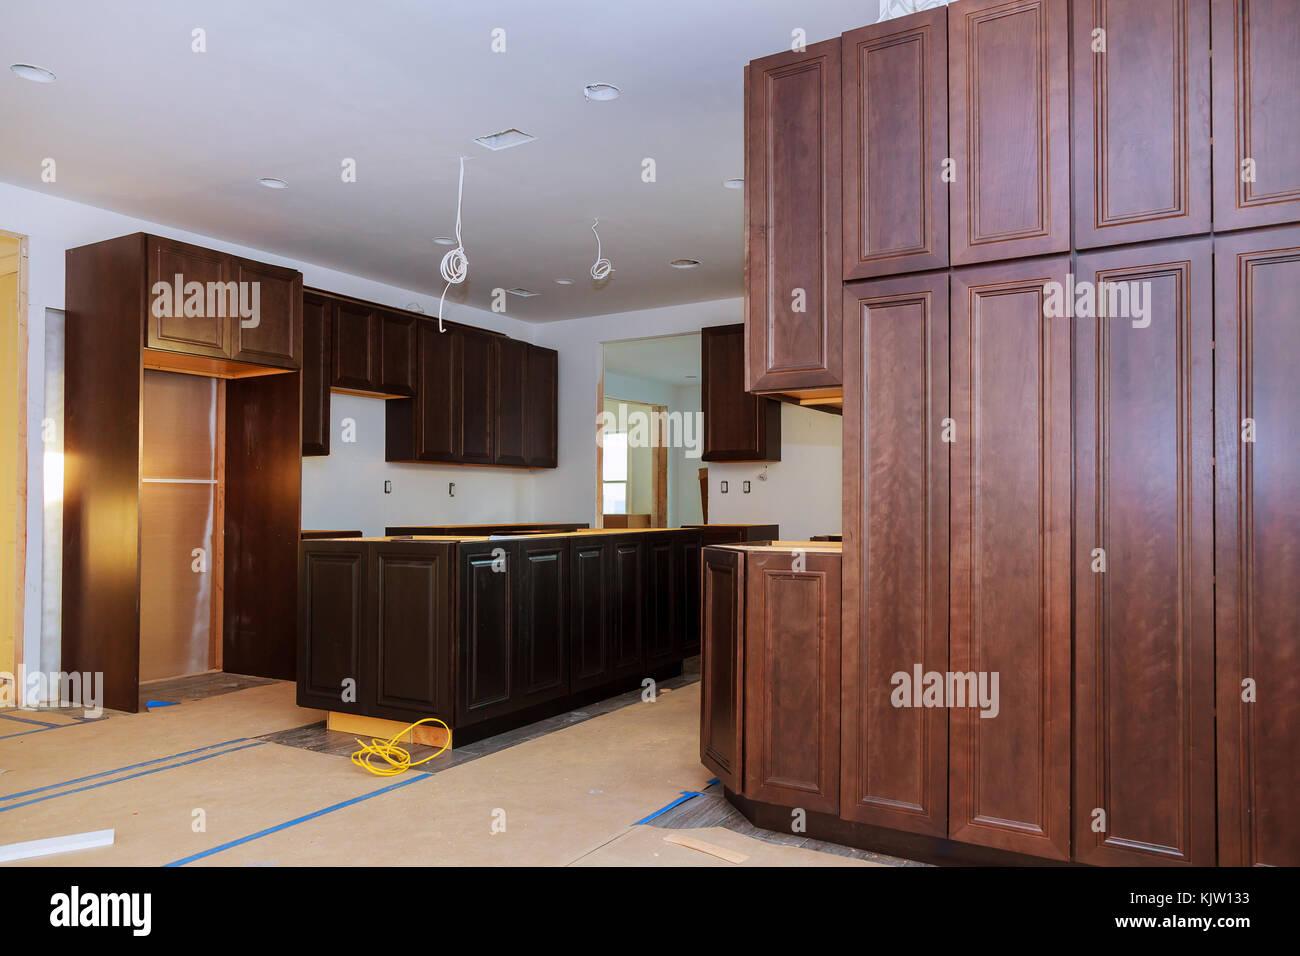 Apartment House Door Stockfotos & Apartment House Door Bilder ...